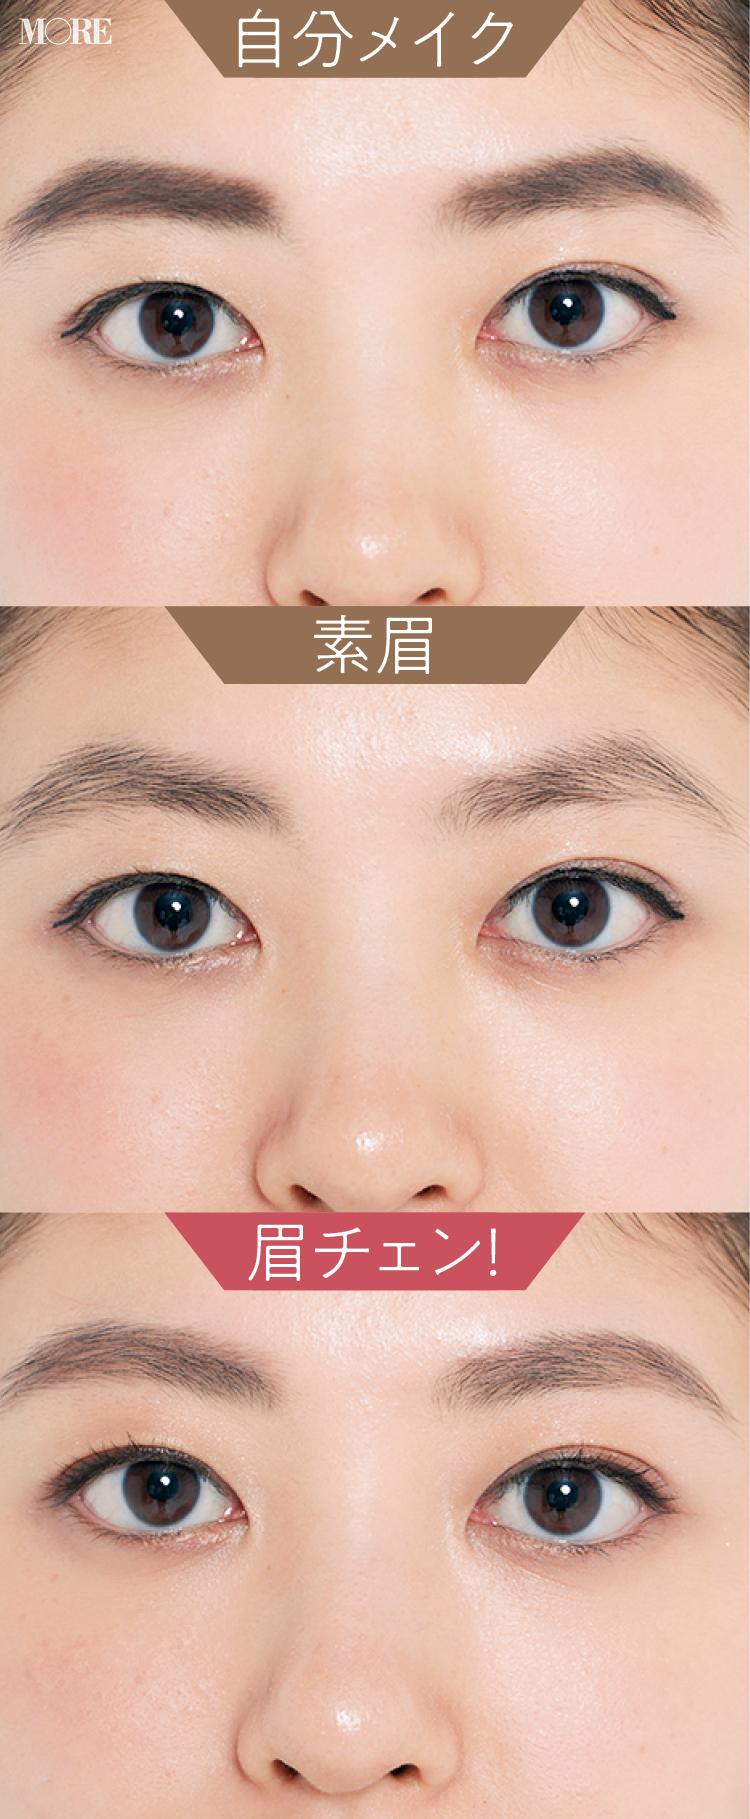 濃くて多い眉の人におすすめの描き方。明るめカラーの眉マスカラで柔らかな印象へ!_2